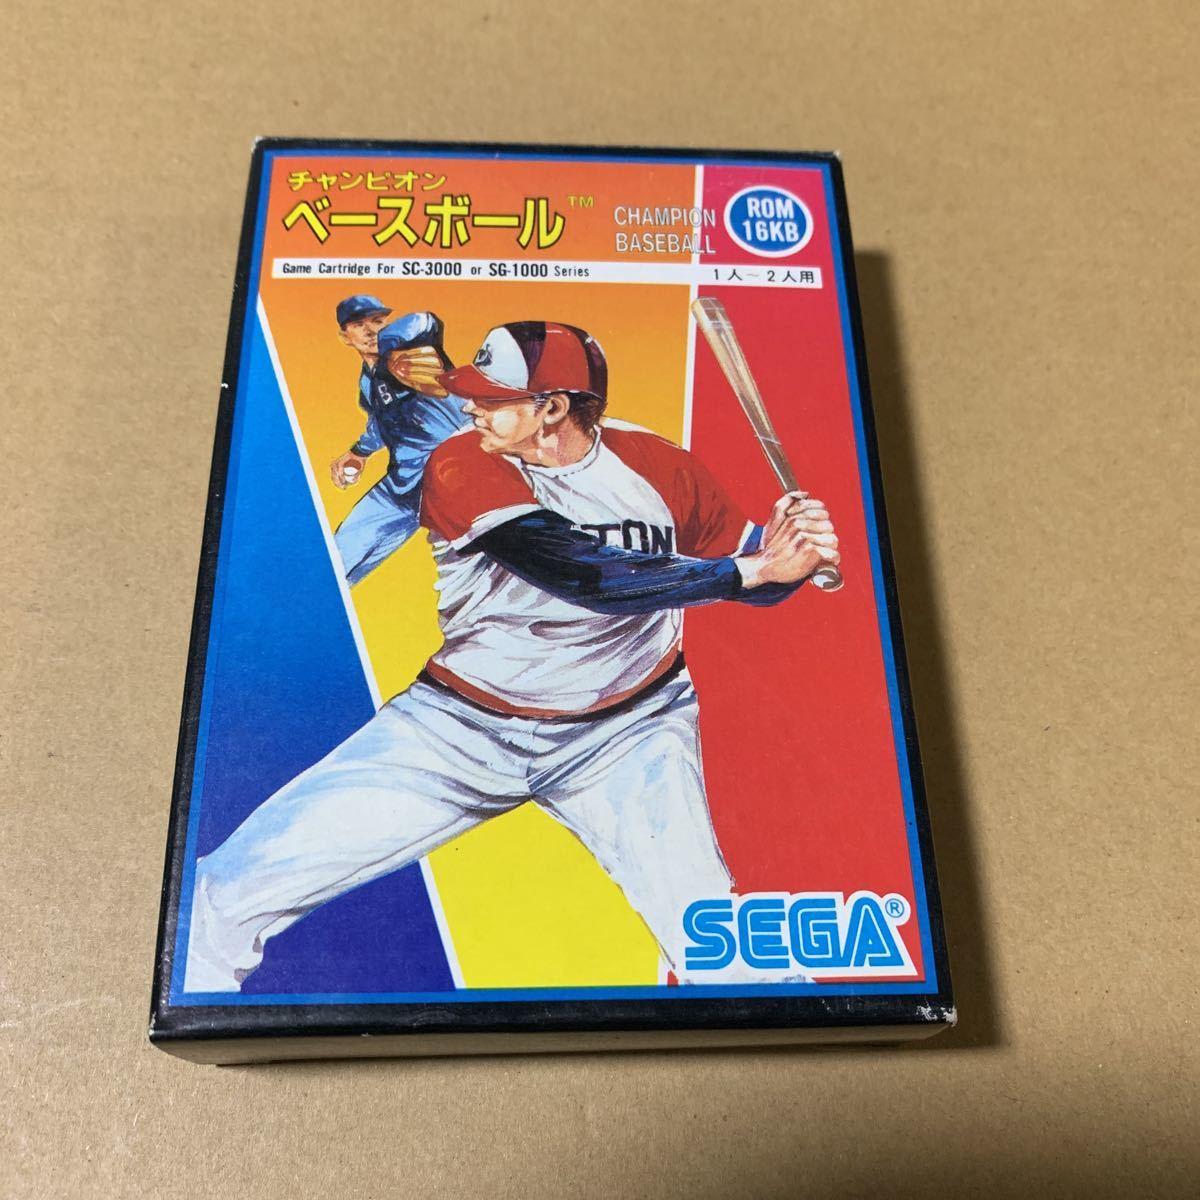 【ジャンク】セガ チャンピオンベースボール SC-3000・SG-1000シリーズ共用 (動作未確認)